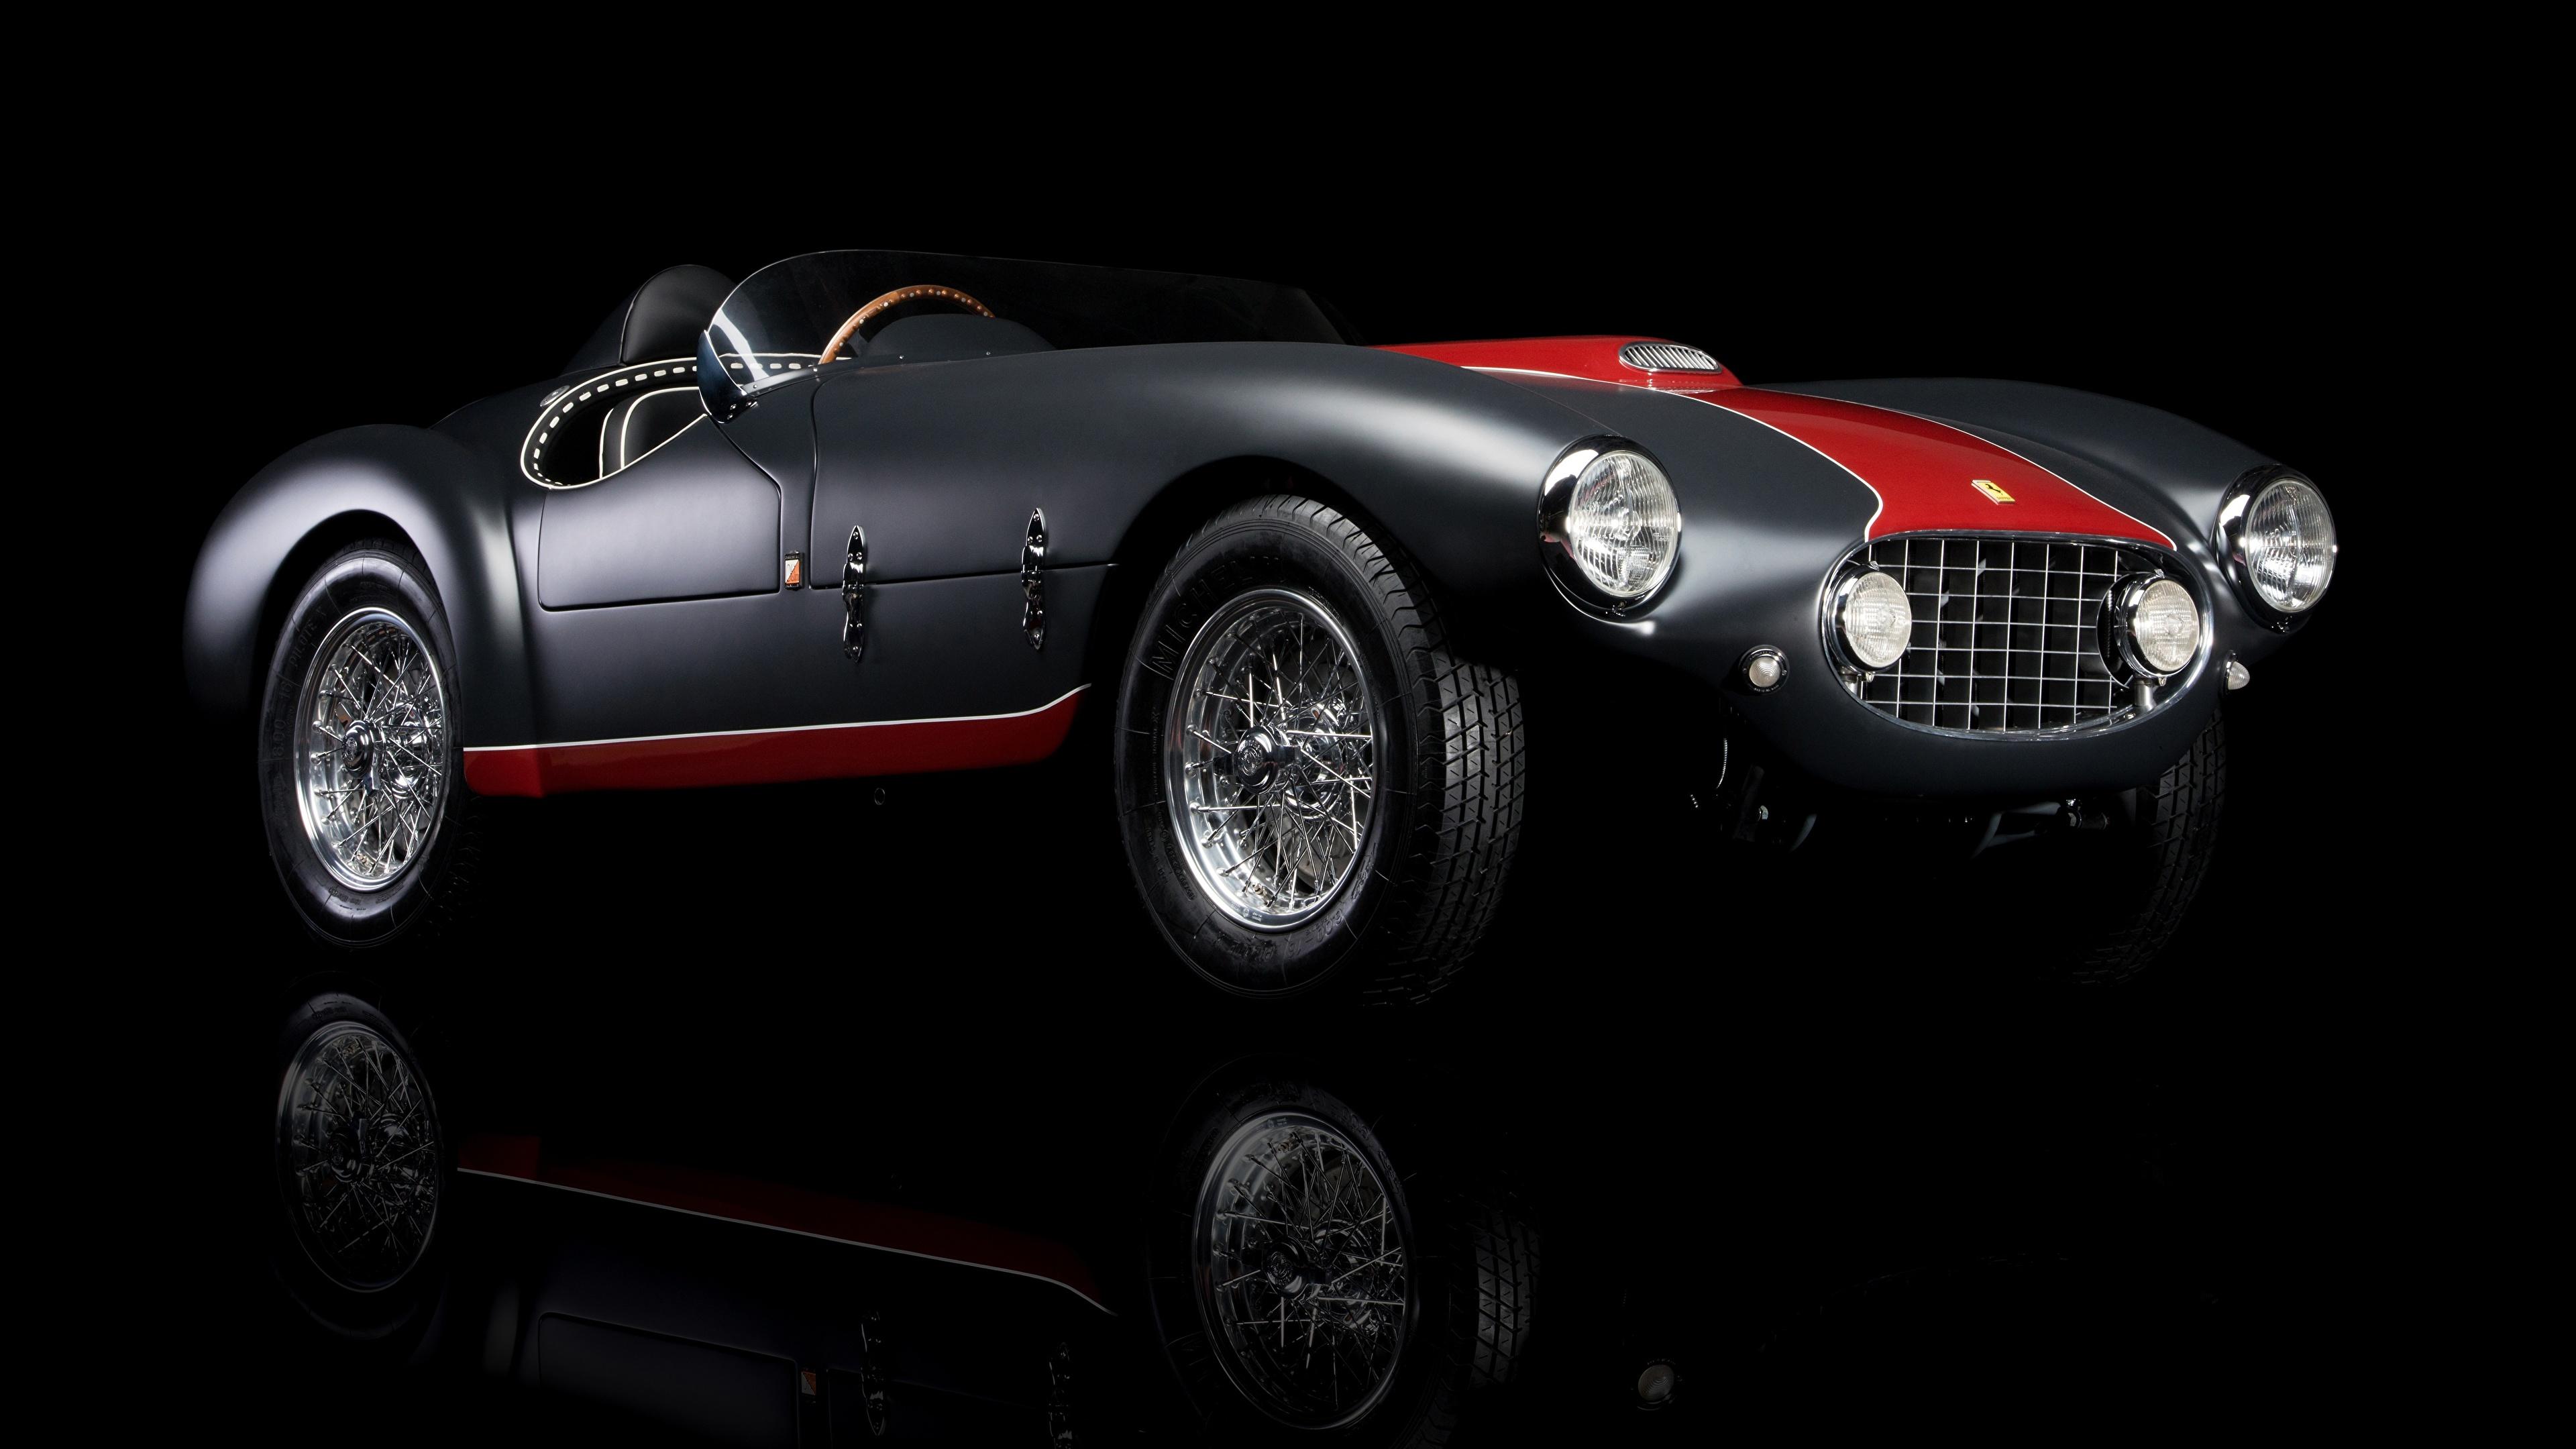 Картинки Ferrari 1953 Classic 166 MM/53 Spyder старинные автомобиль Черный фон 3840x2160 Феррари Ретро Винтаж авто машина машины Автомобили на черном фоне